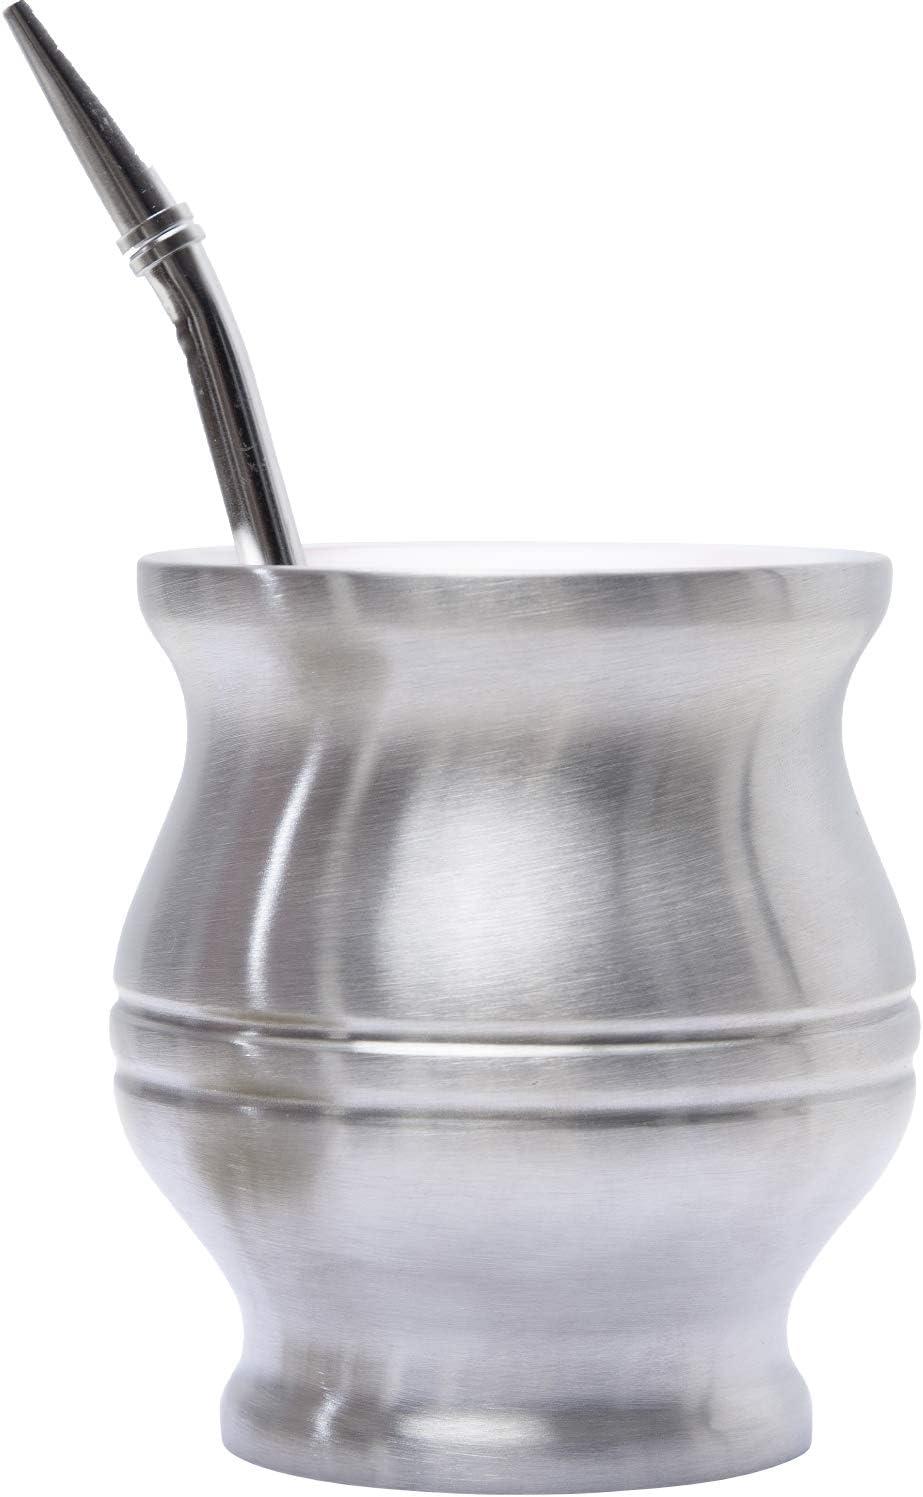 home & folksTM – Calabaza para mate con Bombilla – Kit Completo para Preparar Yerba Mate Tradicional – Innovación Antiquemaduras y Fácil de Limpiar